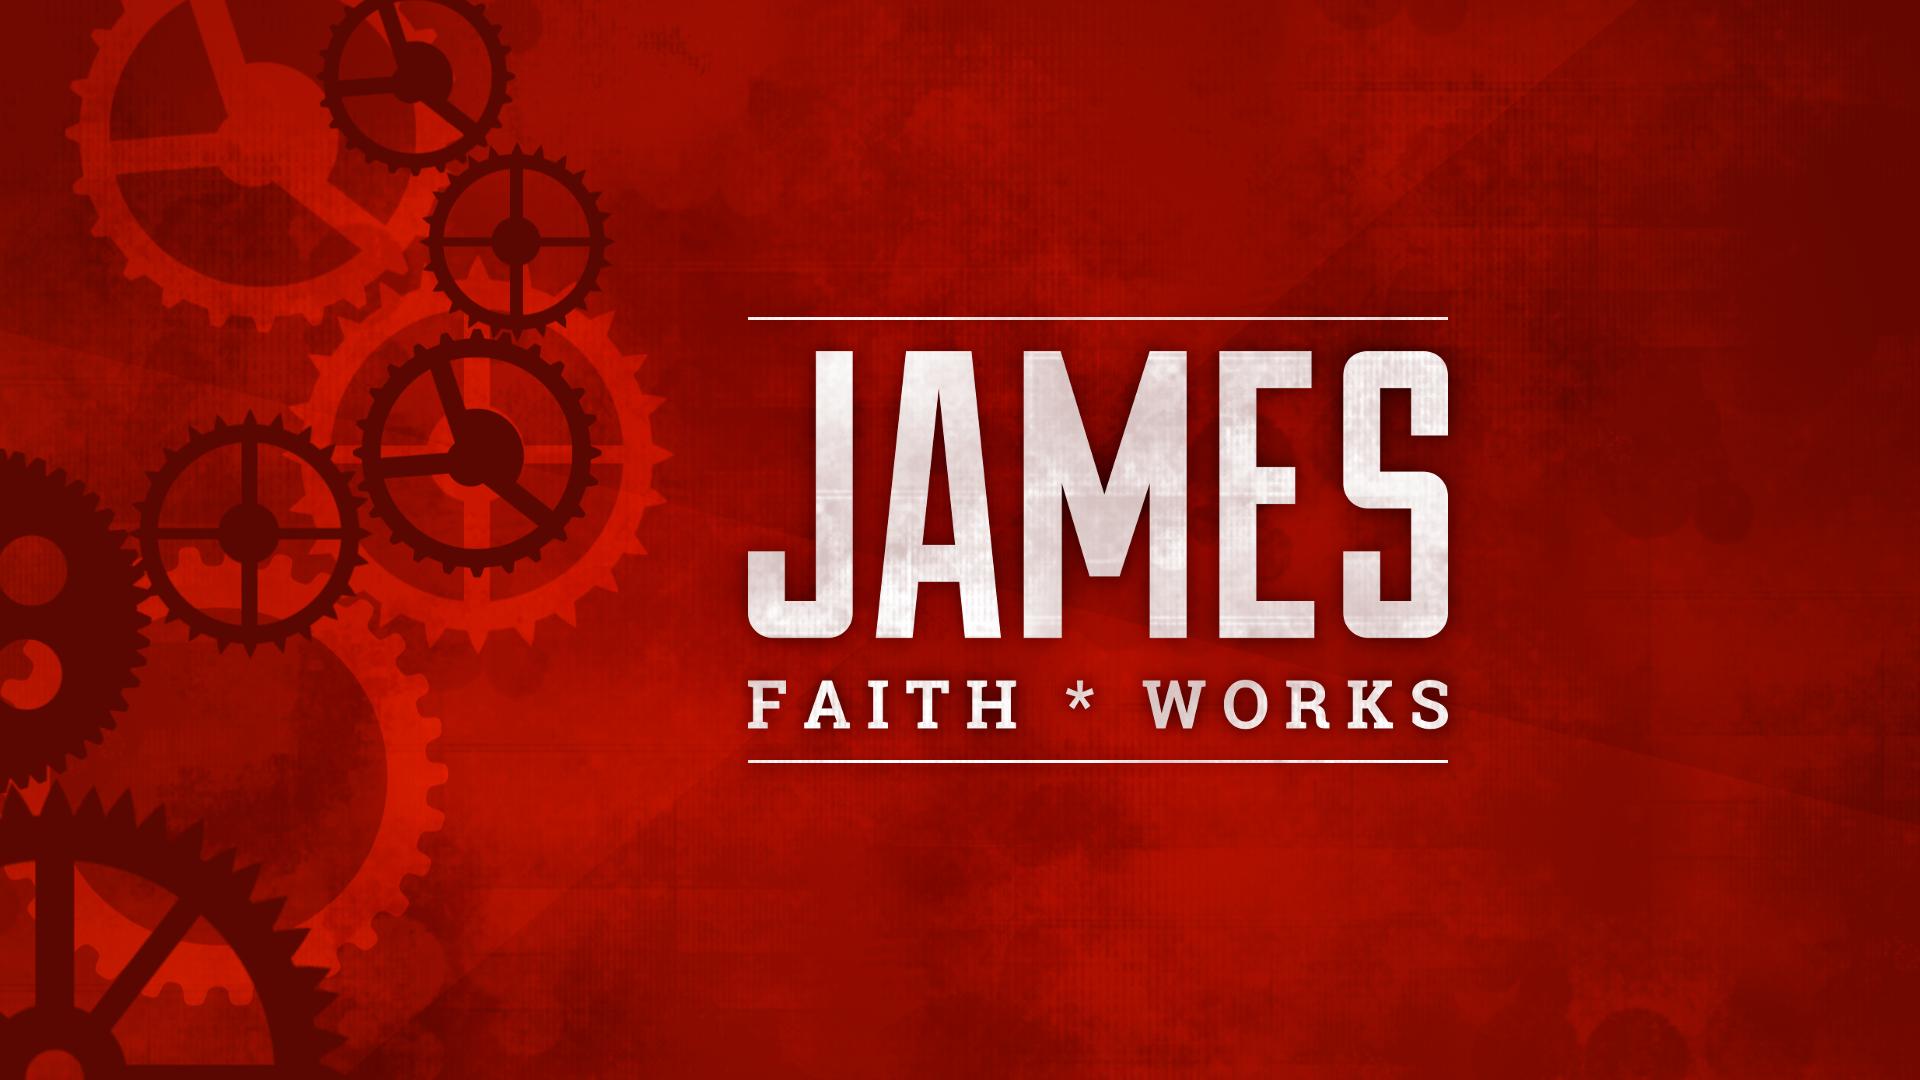 banner-james-1920-1080.jpg